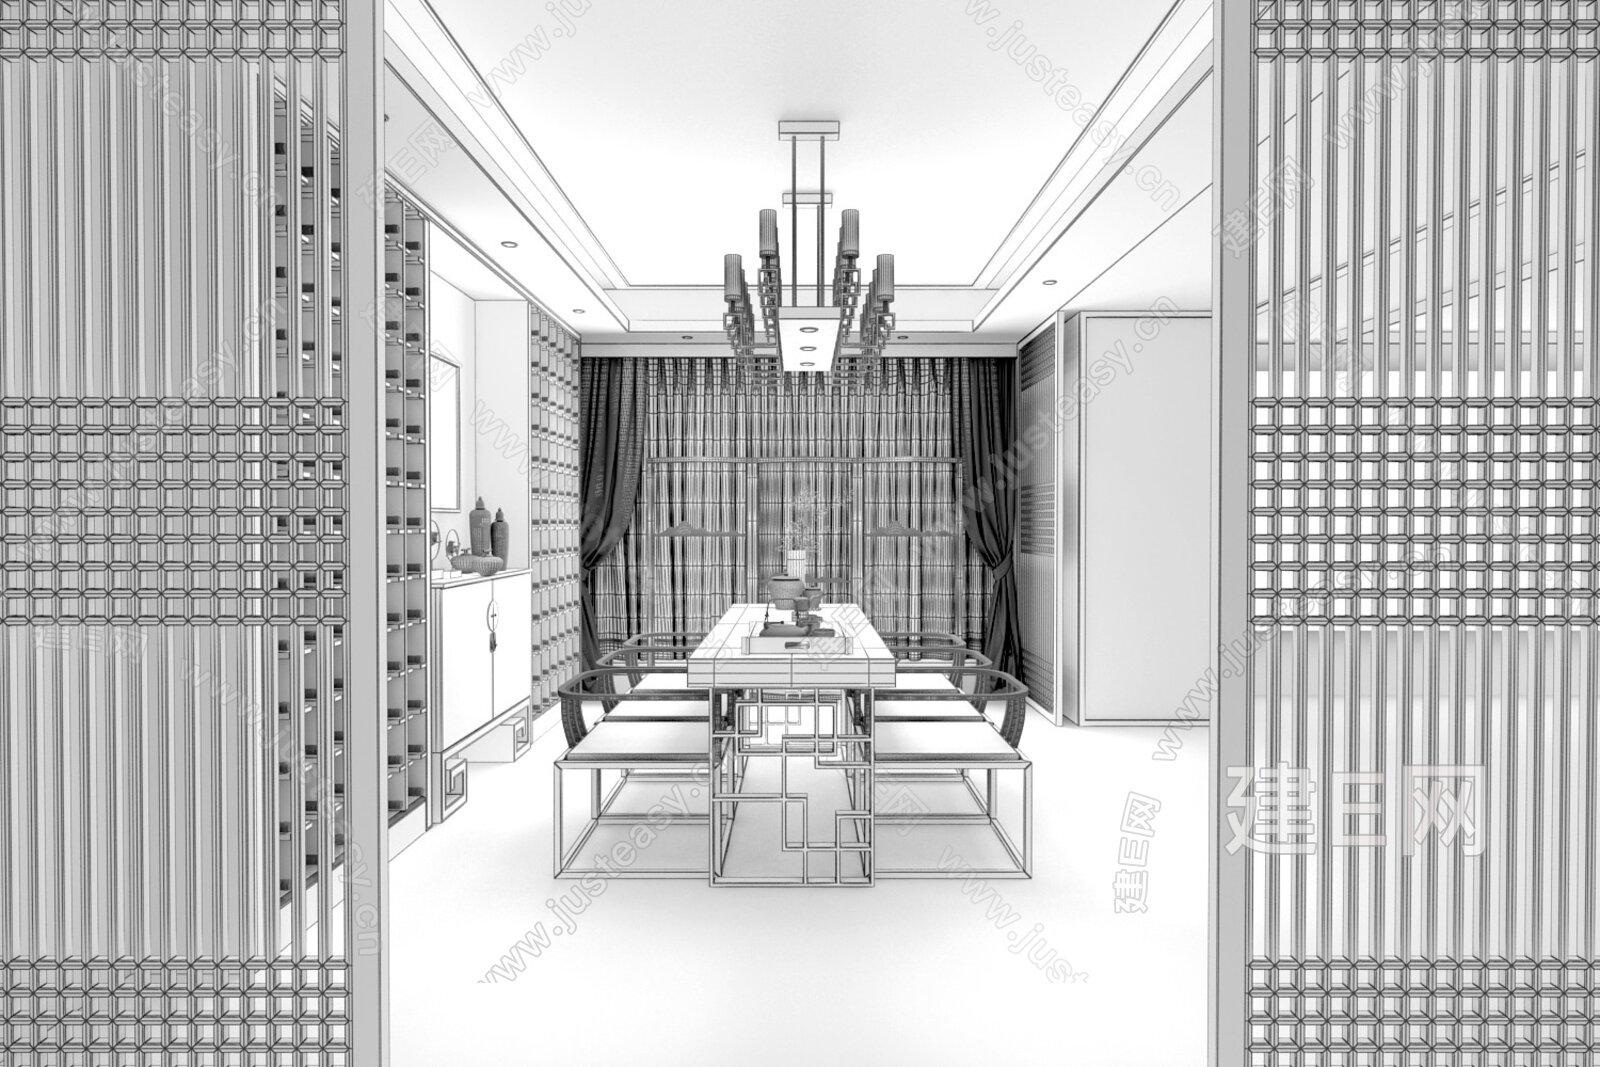 茶室快题设计手绘尺寸